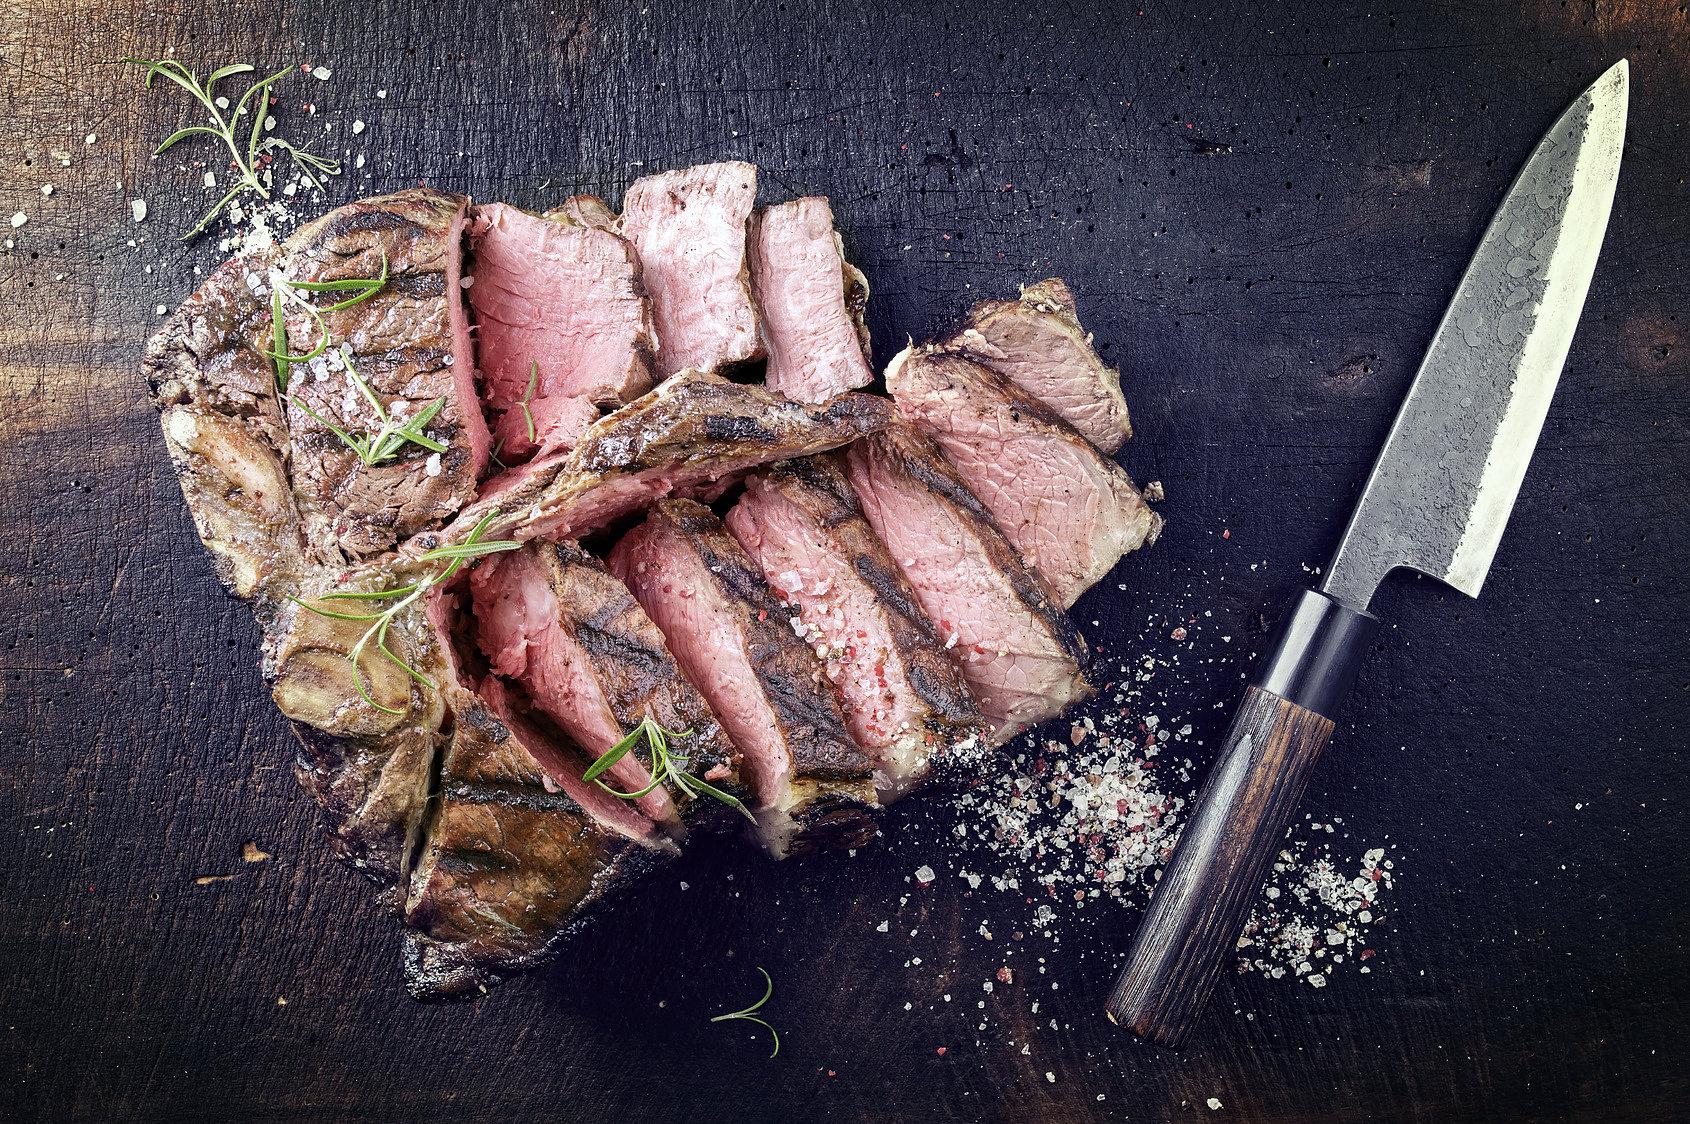 Wagyu Porterhouse Steak professionell braten | Erlebniskochen Hamburg